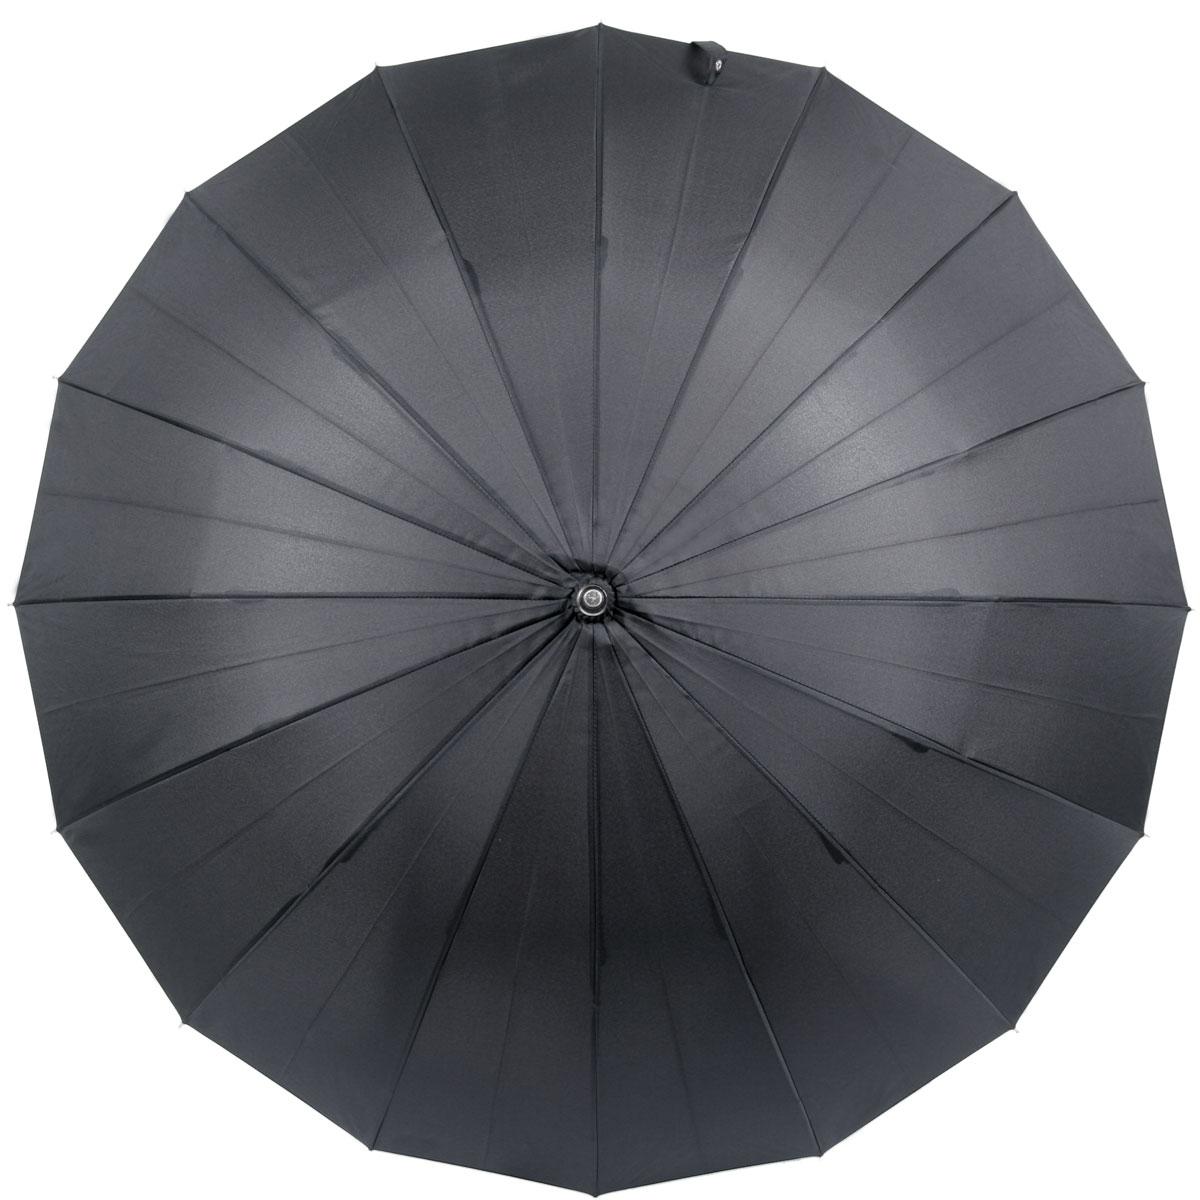 暁(akatsuki) 16本骨傘 軽量アルミシャフト仕様 ウッドハンドル ナイトブラック (漆黒) リングタッセル付 a06770 <34134>